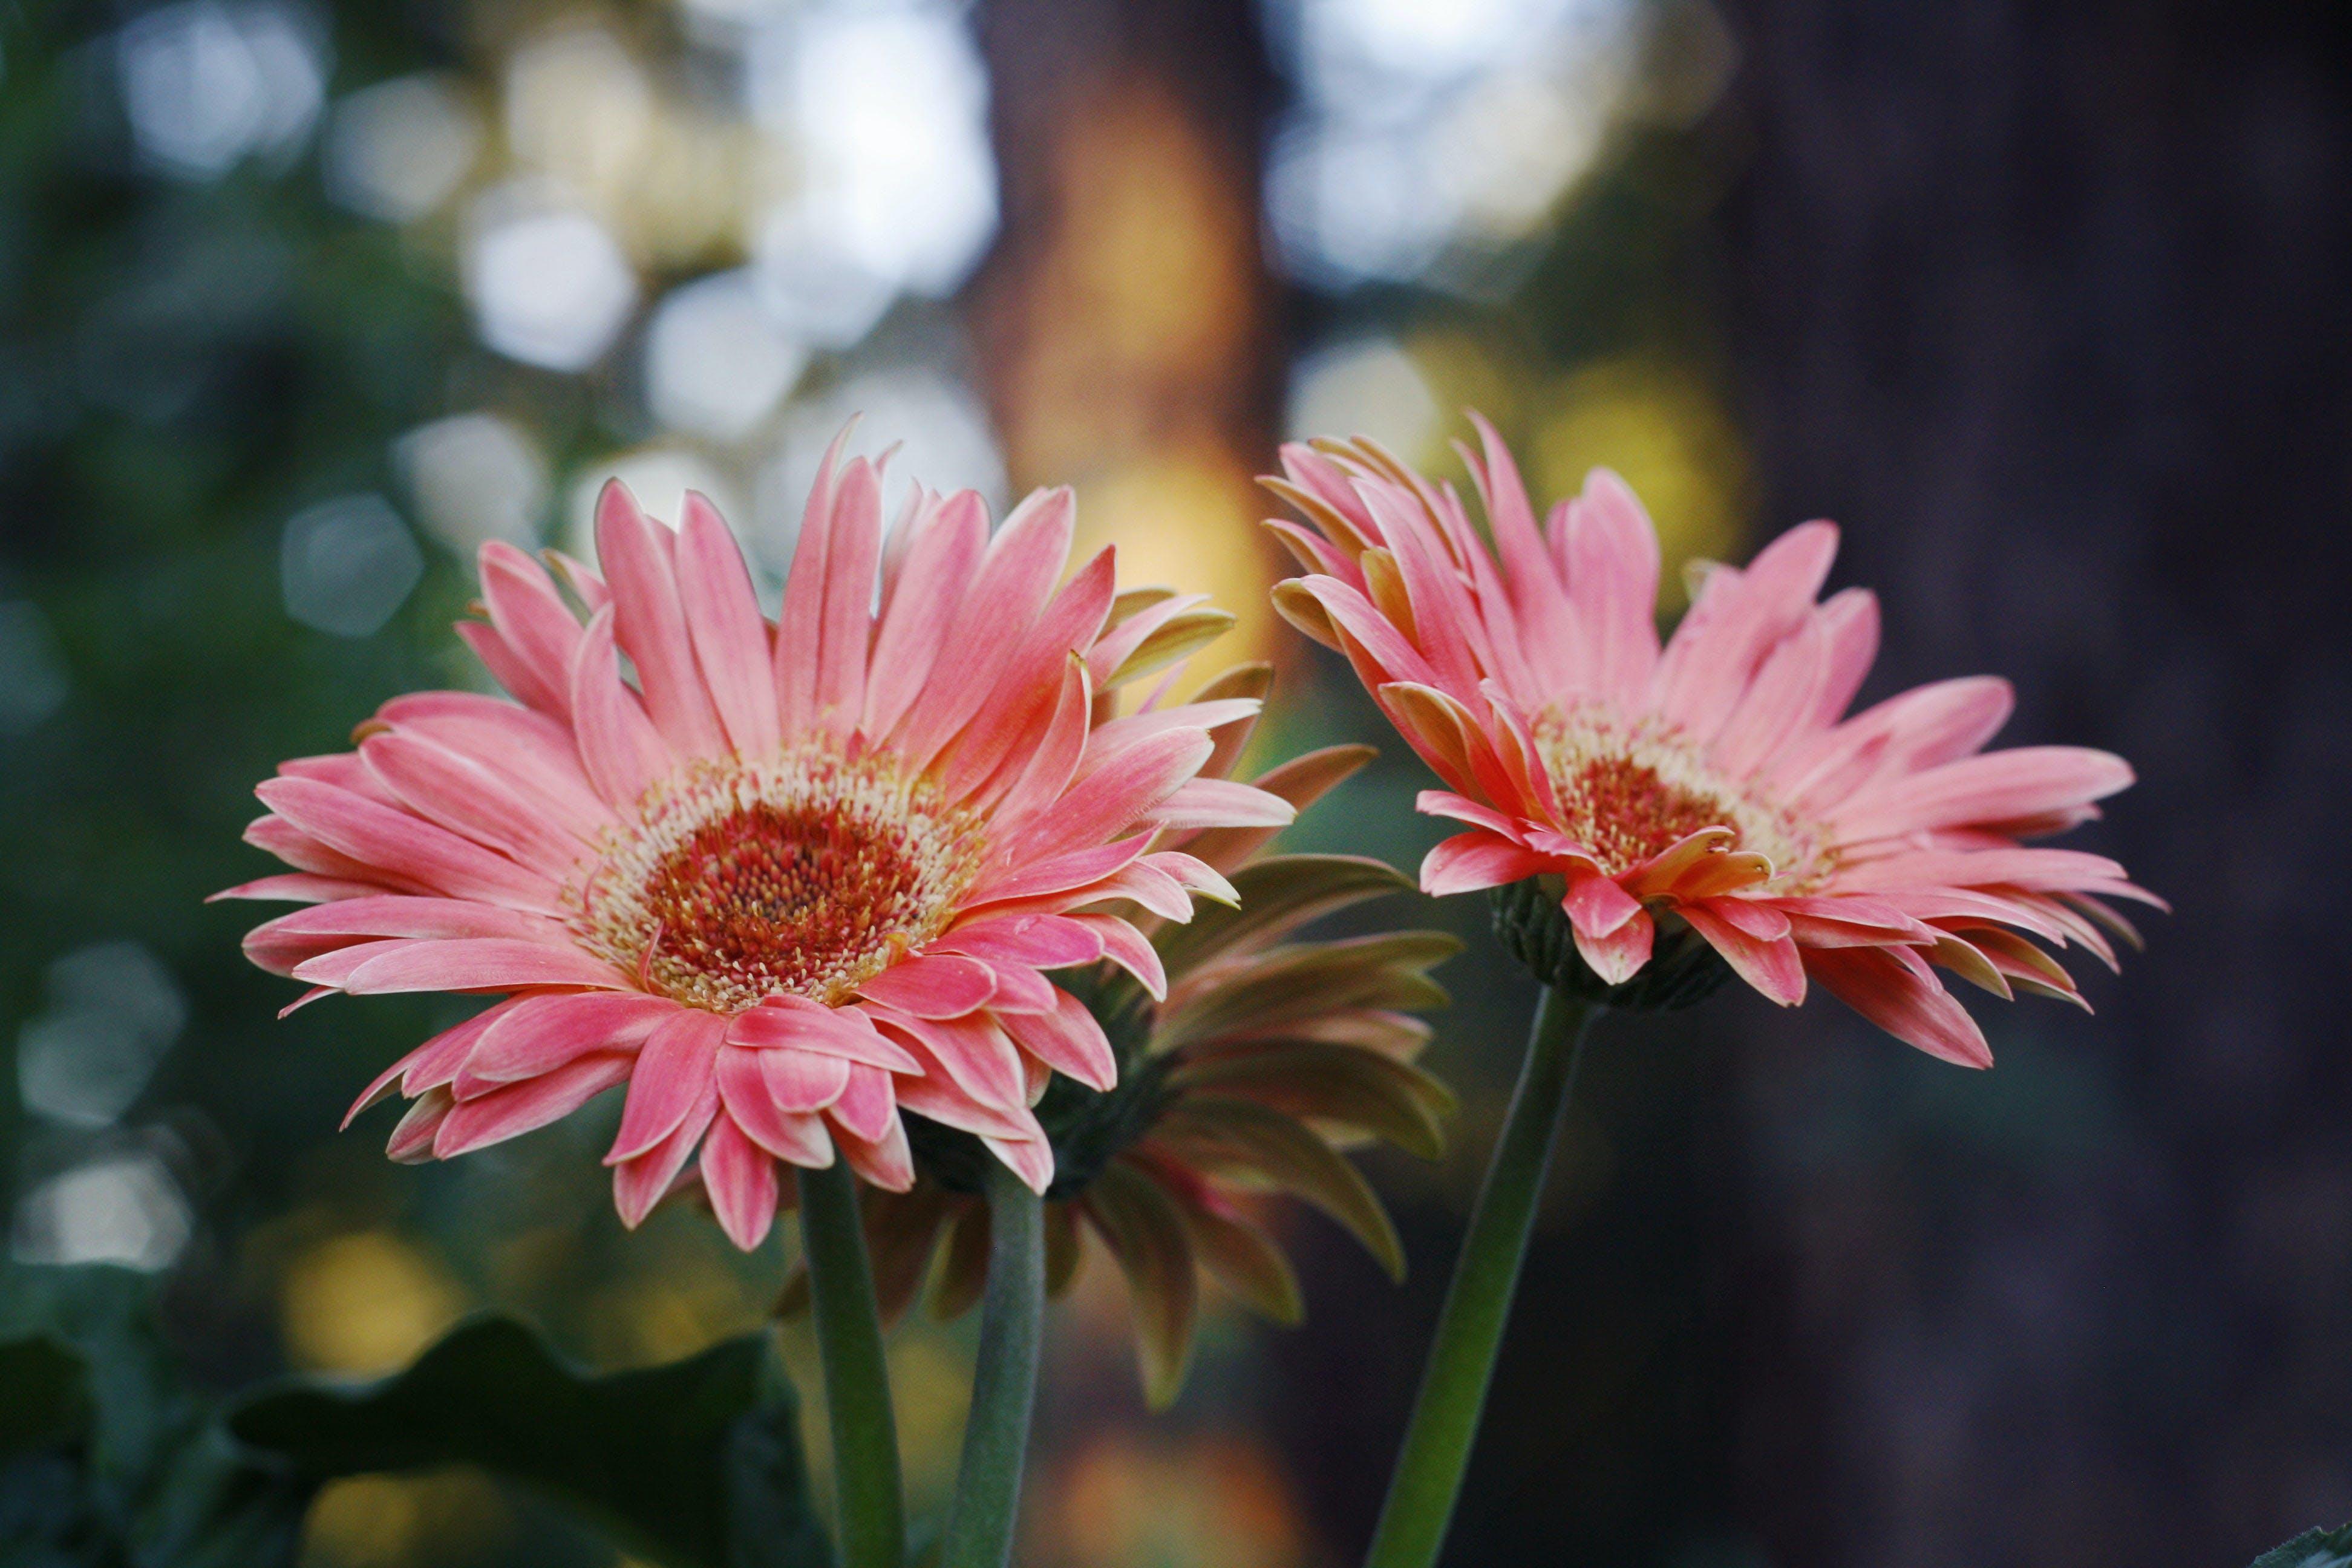 Gratis arkivbilde med blomst, blomsterblad, farge, flora